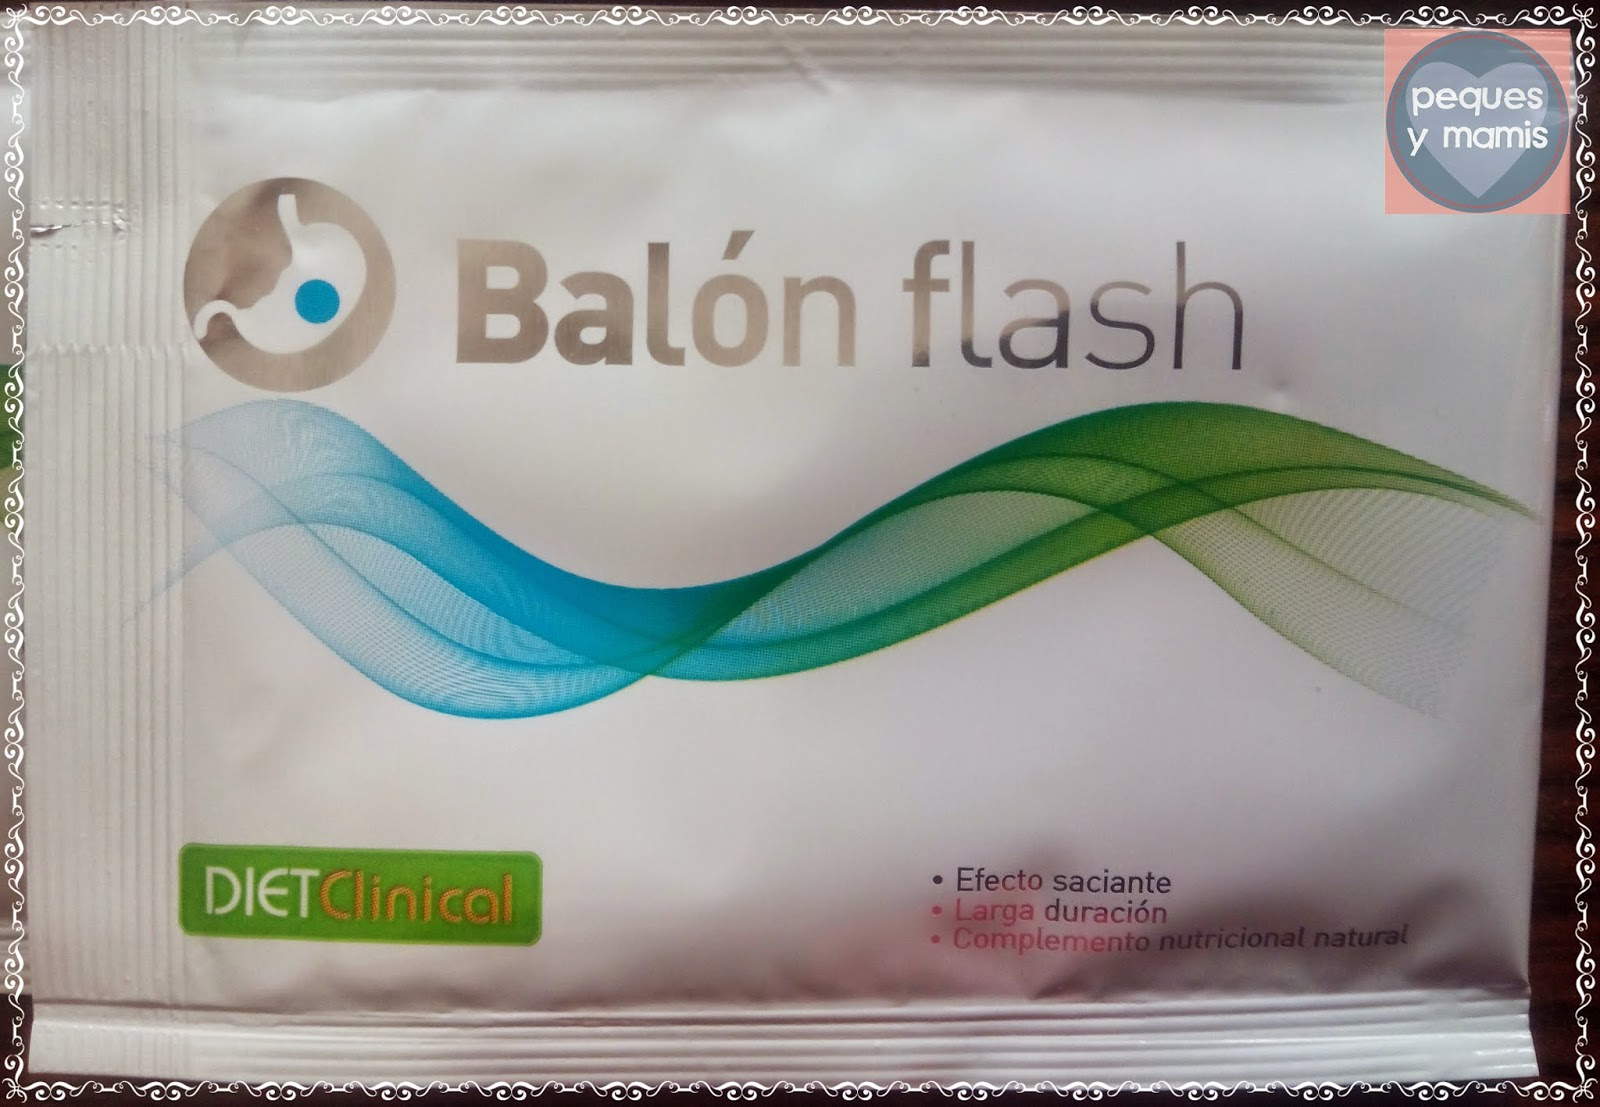 Pastillas balon flash para adelgazar